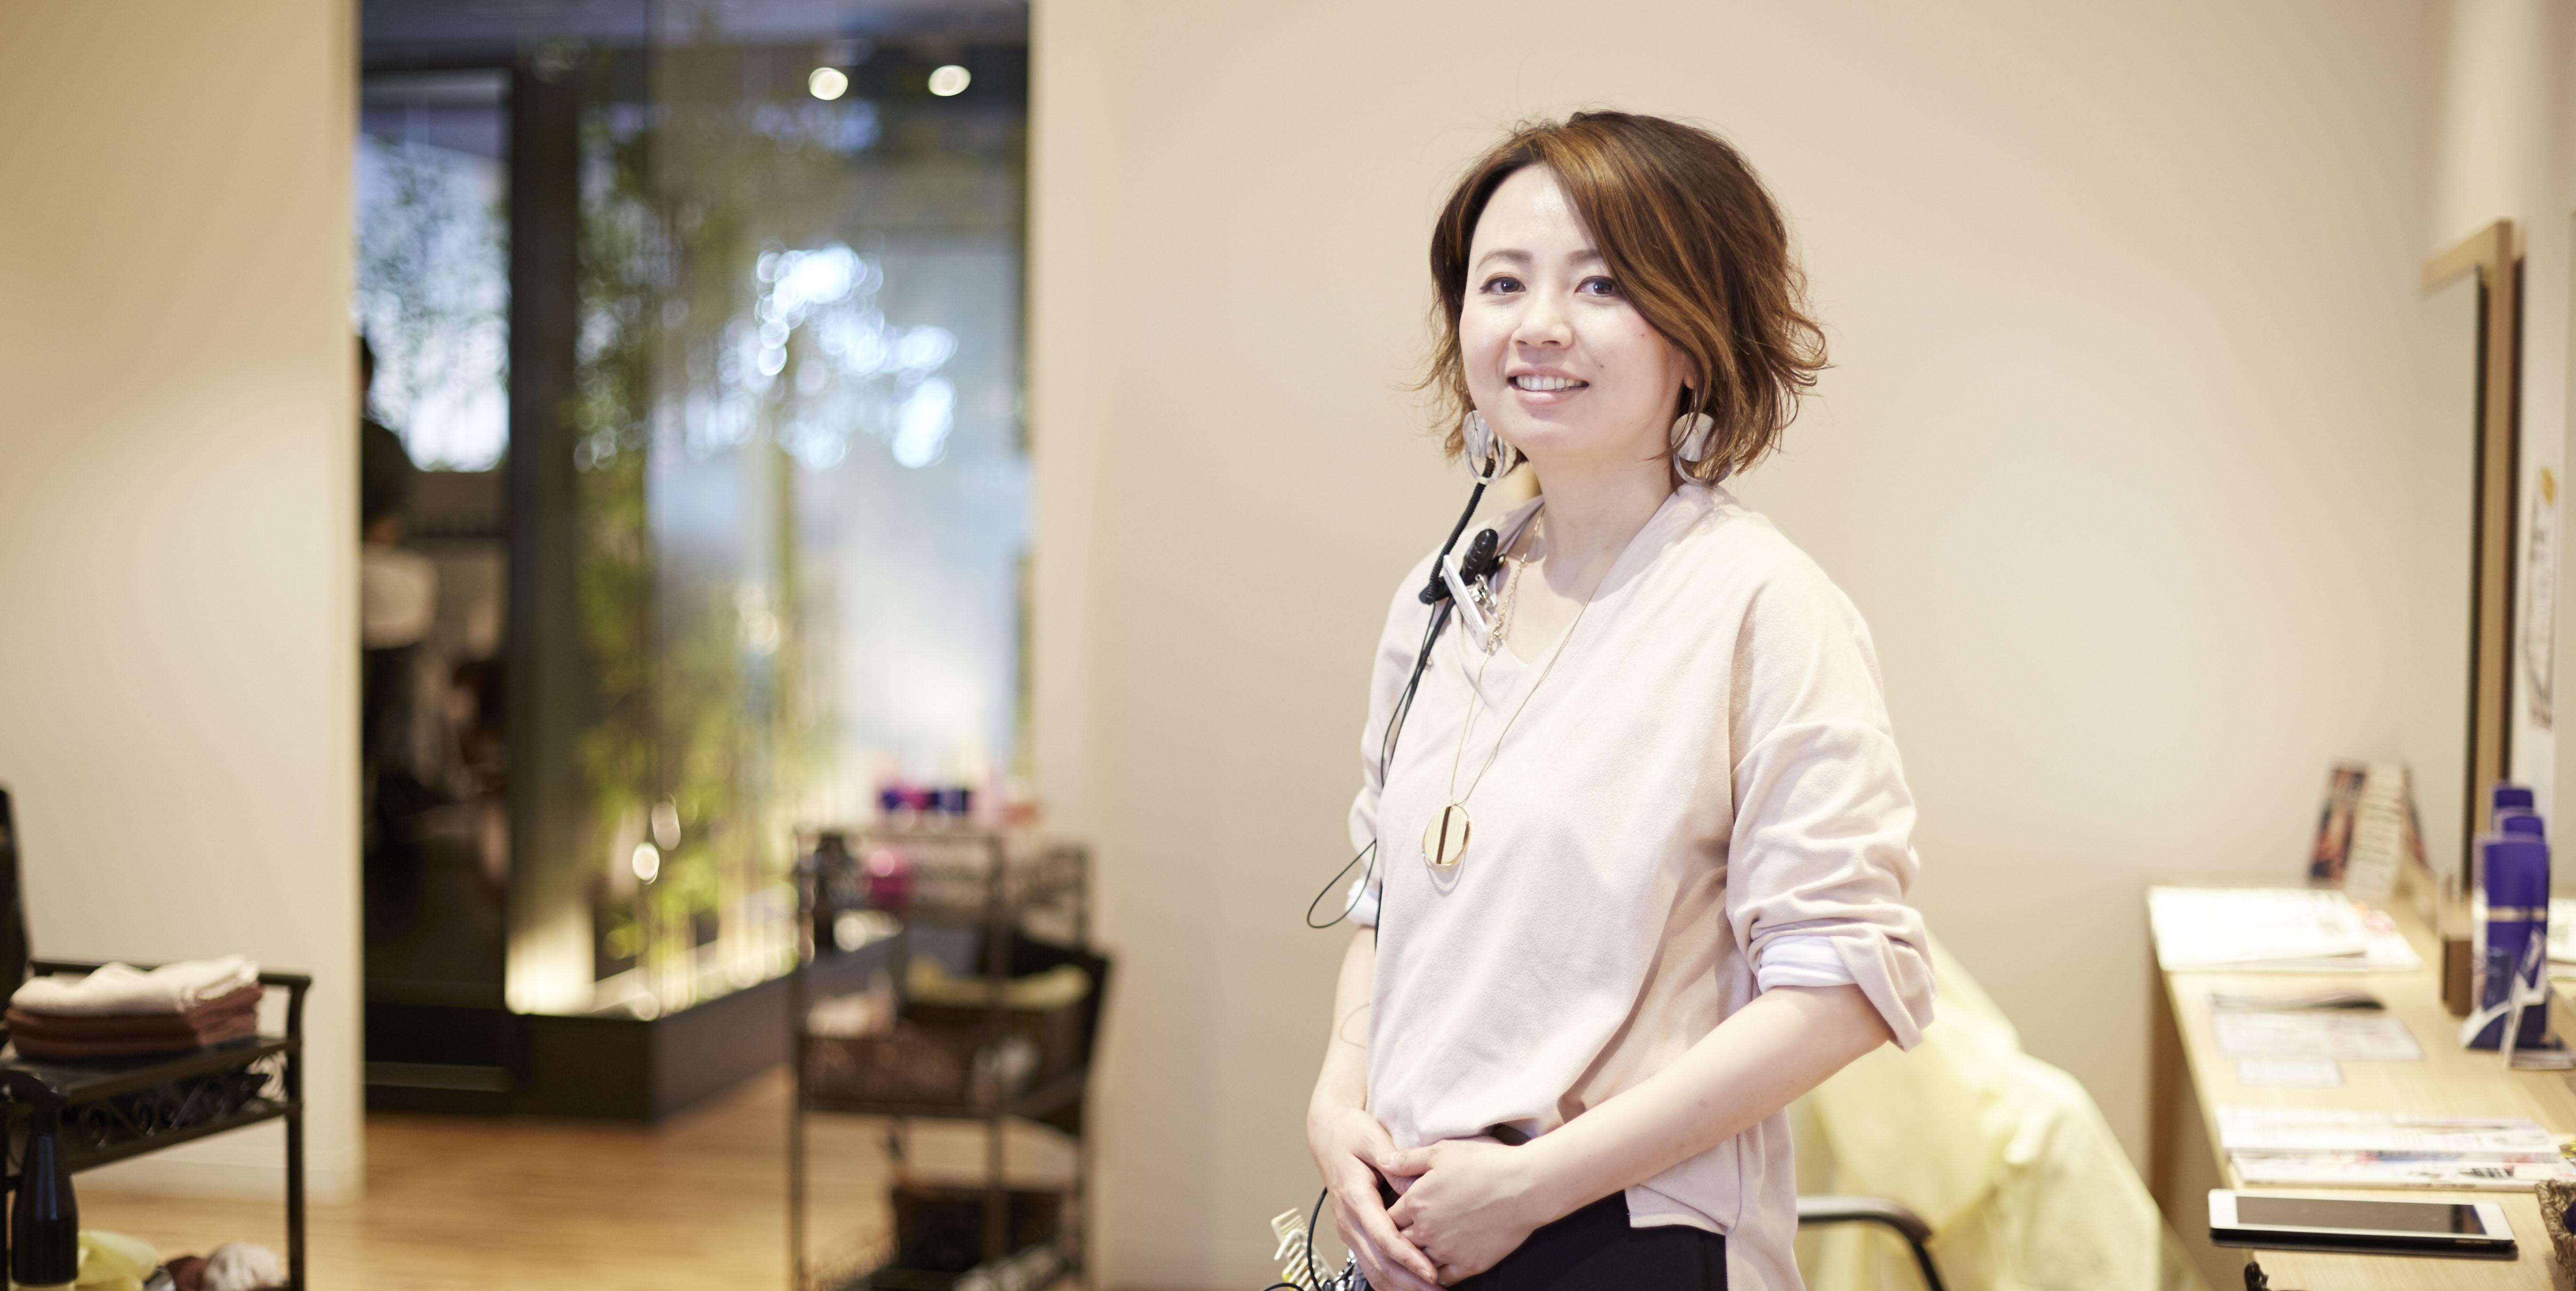 吉村友希さん/美容師の母を手本に、「生涯美容師」を目指す。歴13年ママ美容師の語る「続けることの価値」。